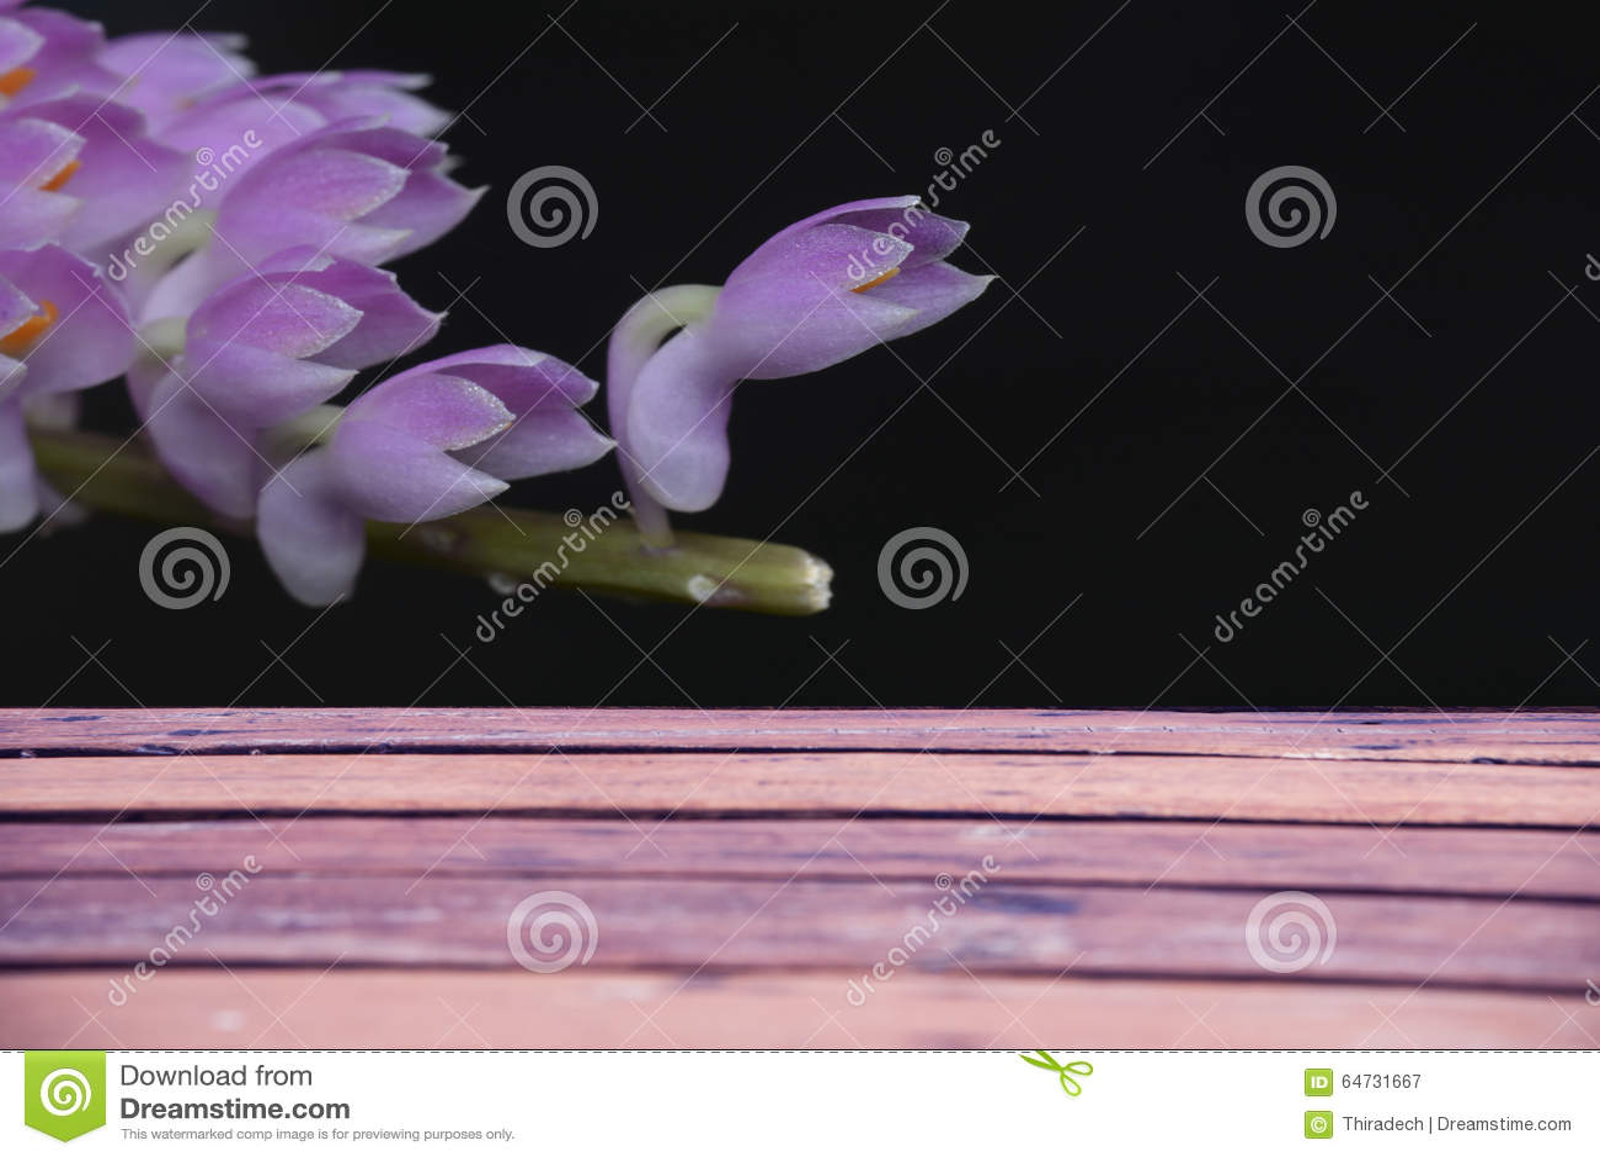 Υπόβαθρο σανίδων με τα μαύρα λουλούδια